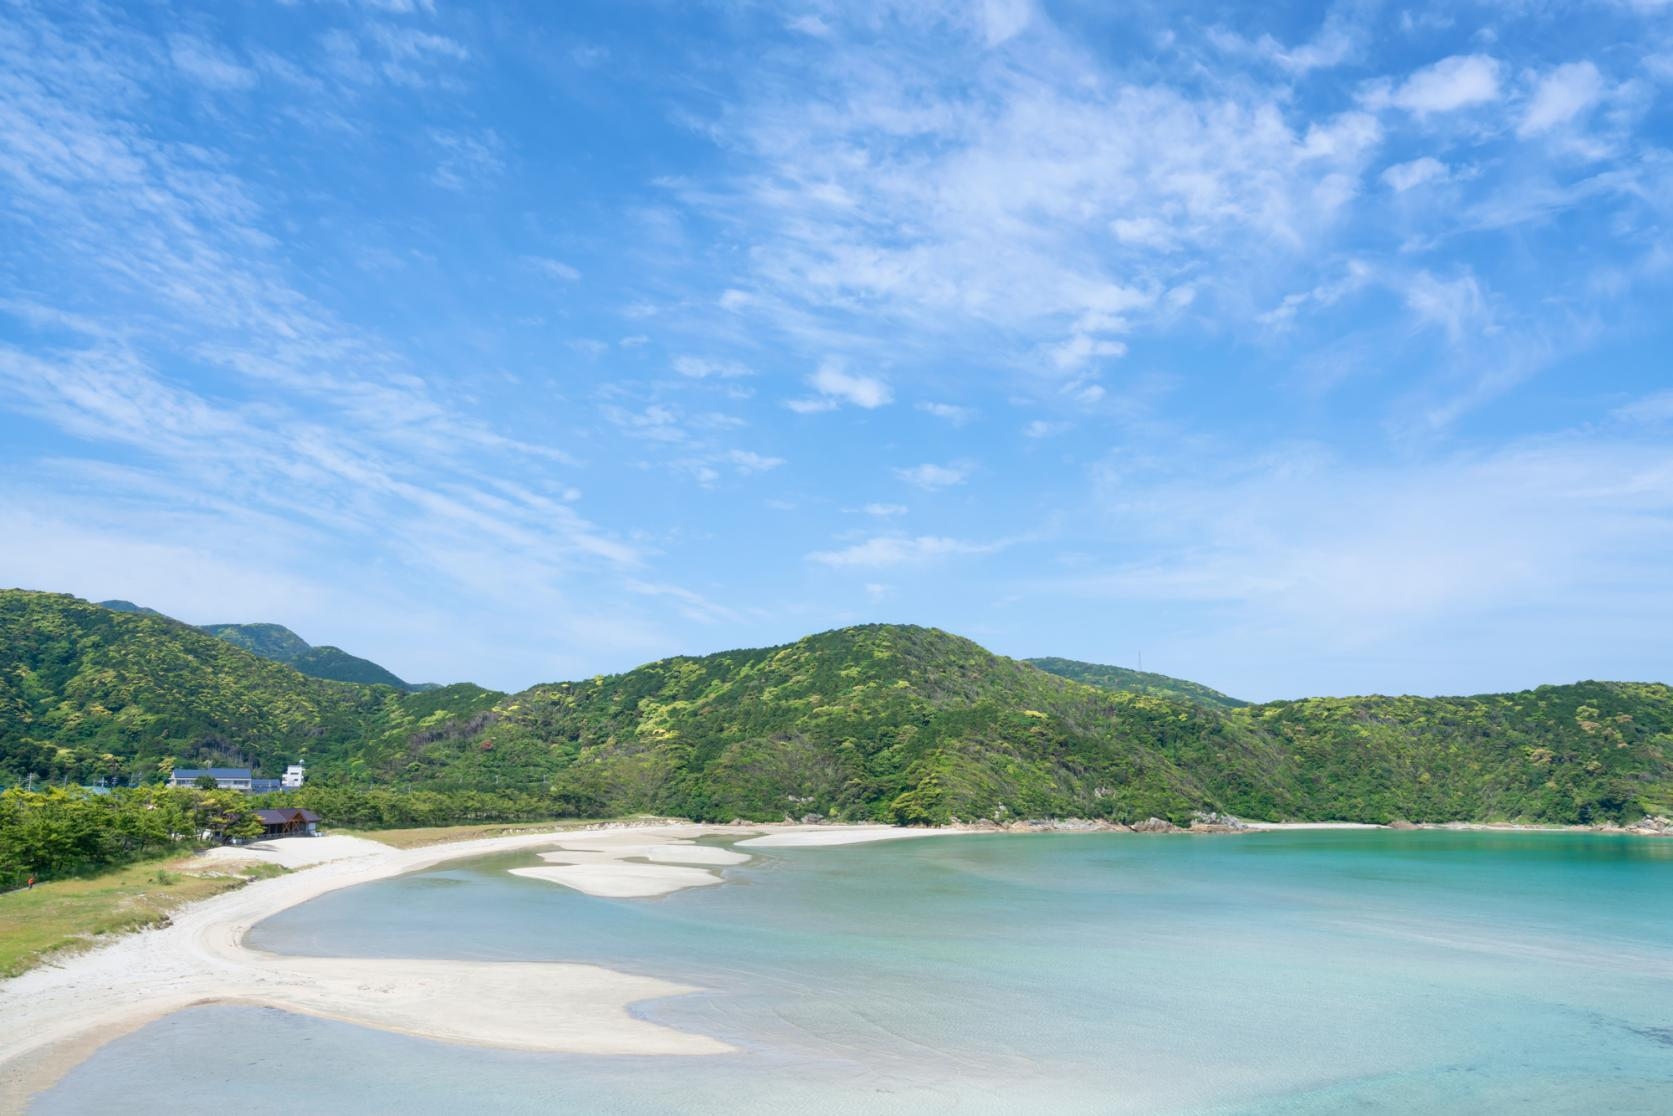 幻想的な景色に思わずうっとり。 上五島の絶景アイランドビュー!-0